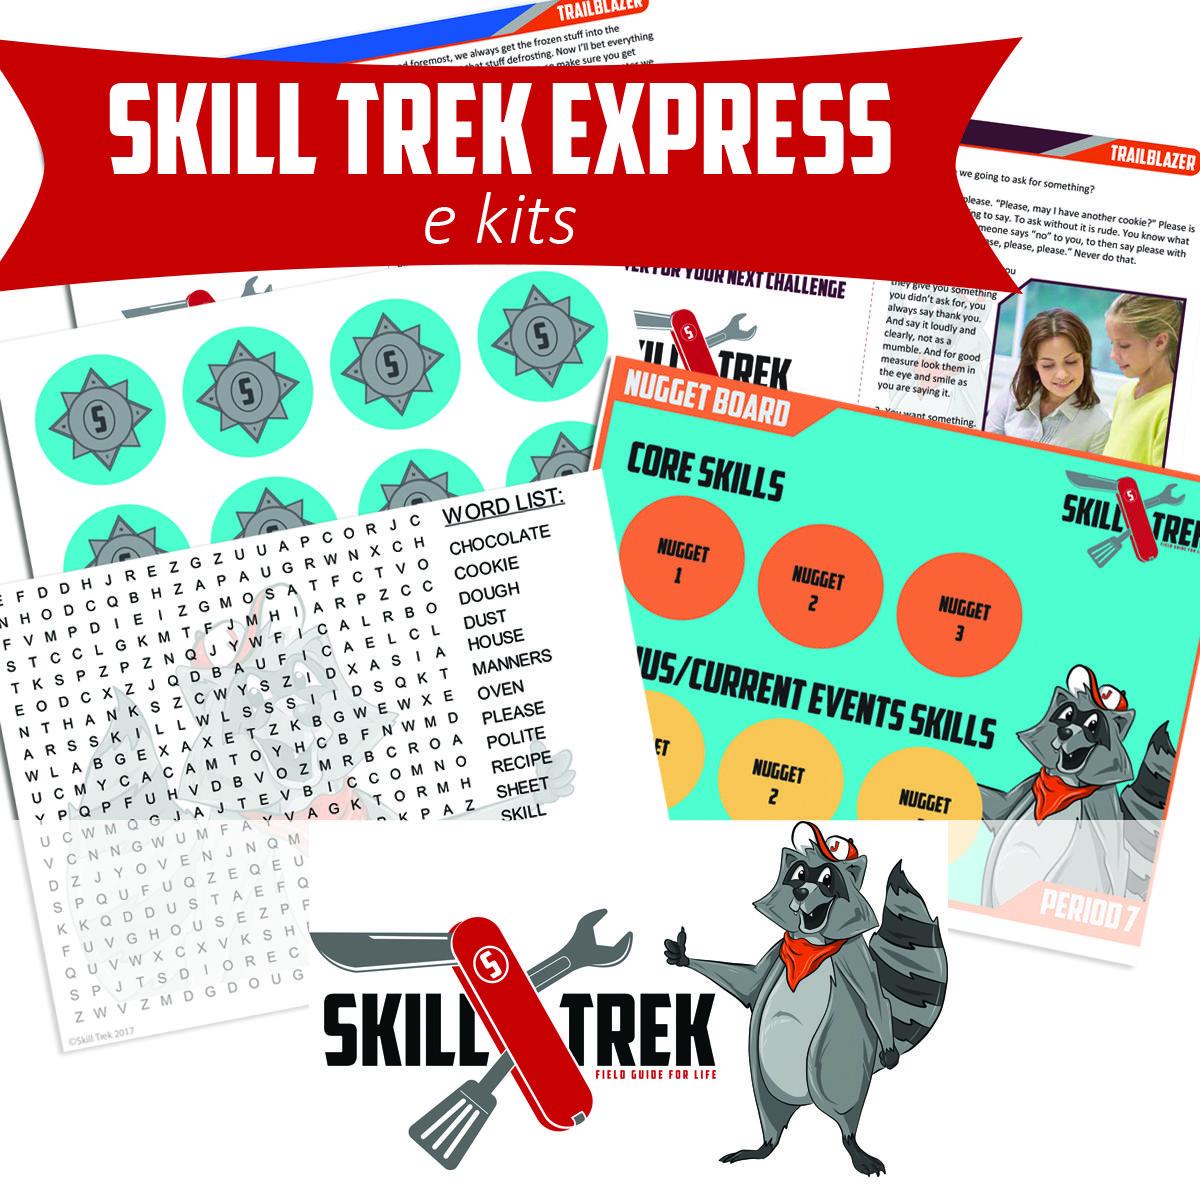 Skill Trek Express eKits